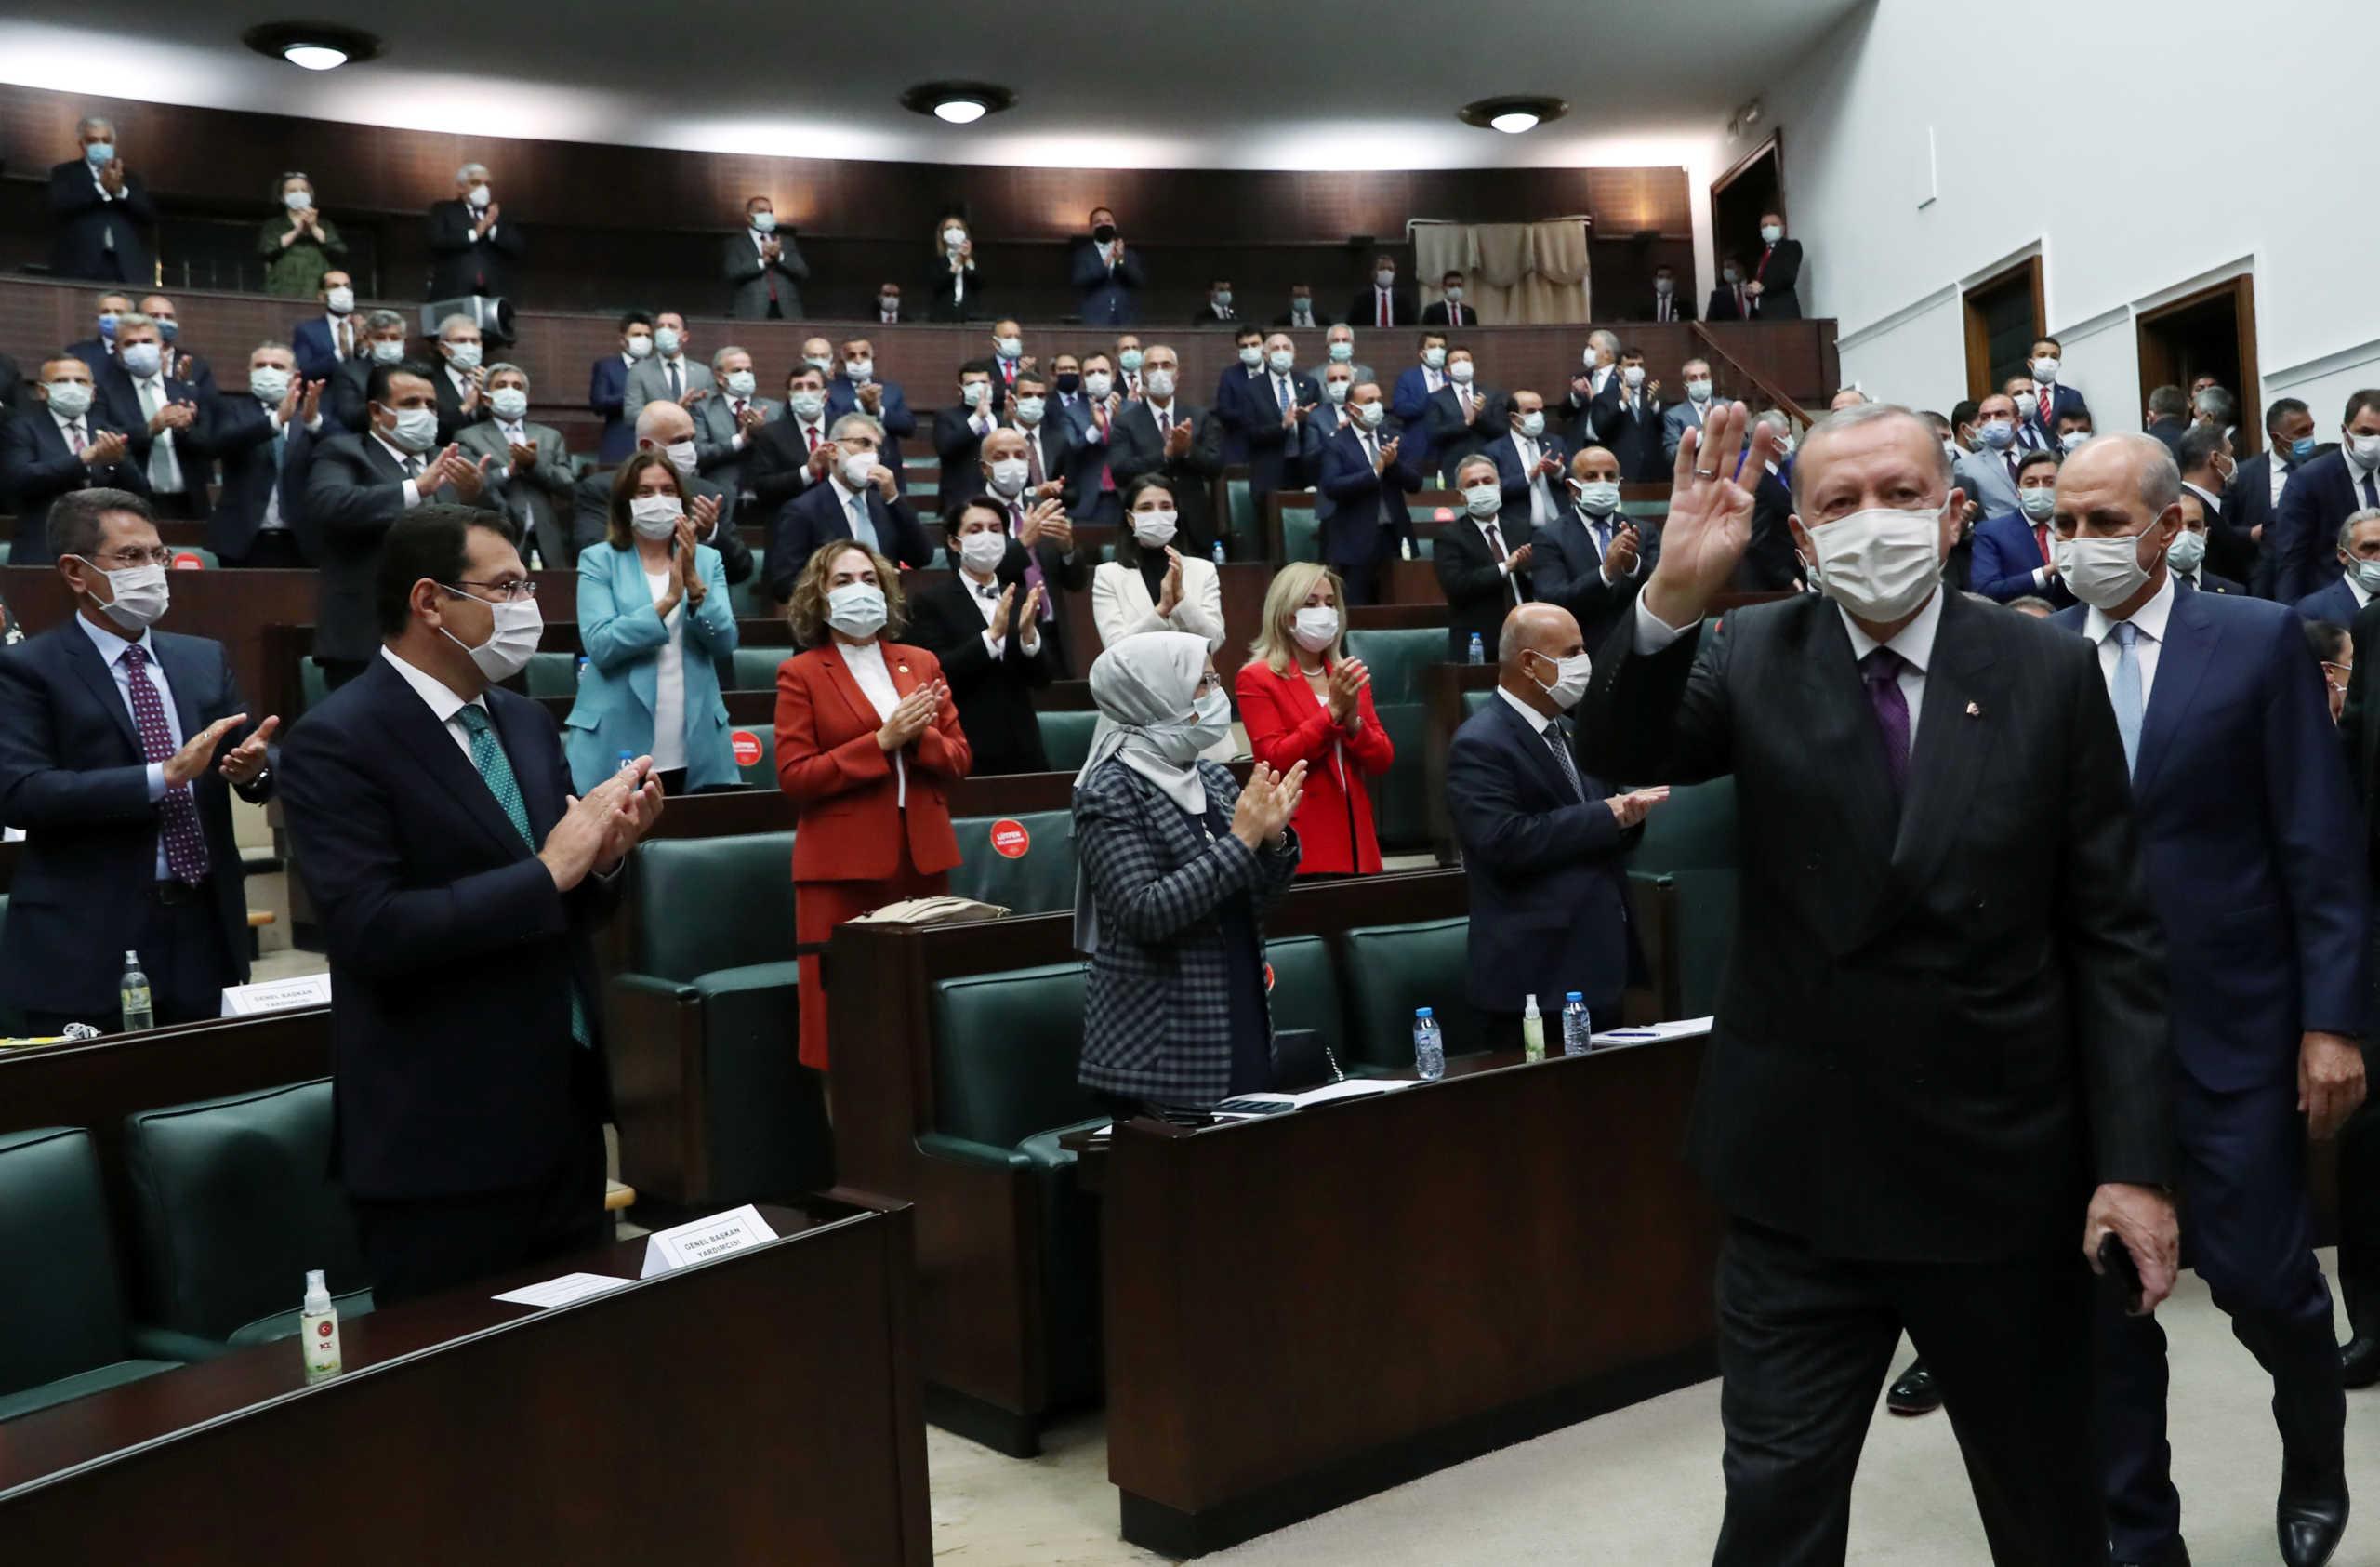 «Εμπρηστής» Ερντογάν: Θα δώσουμε σε Ελλάδα και Κύπρο την απάντηση που τους αξίζει